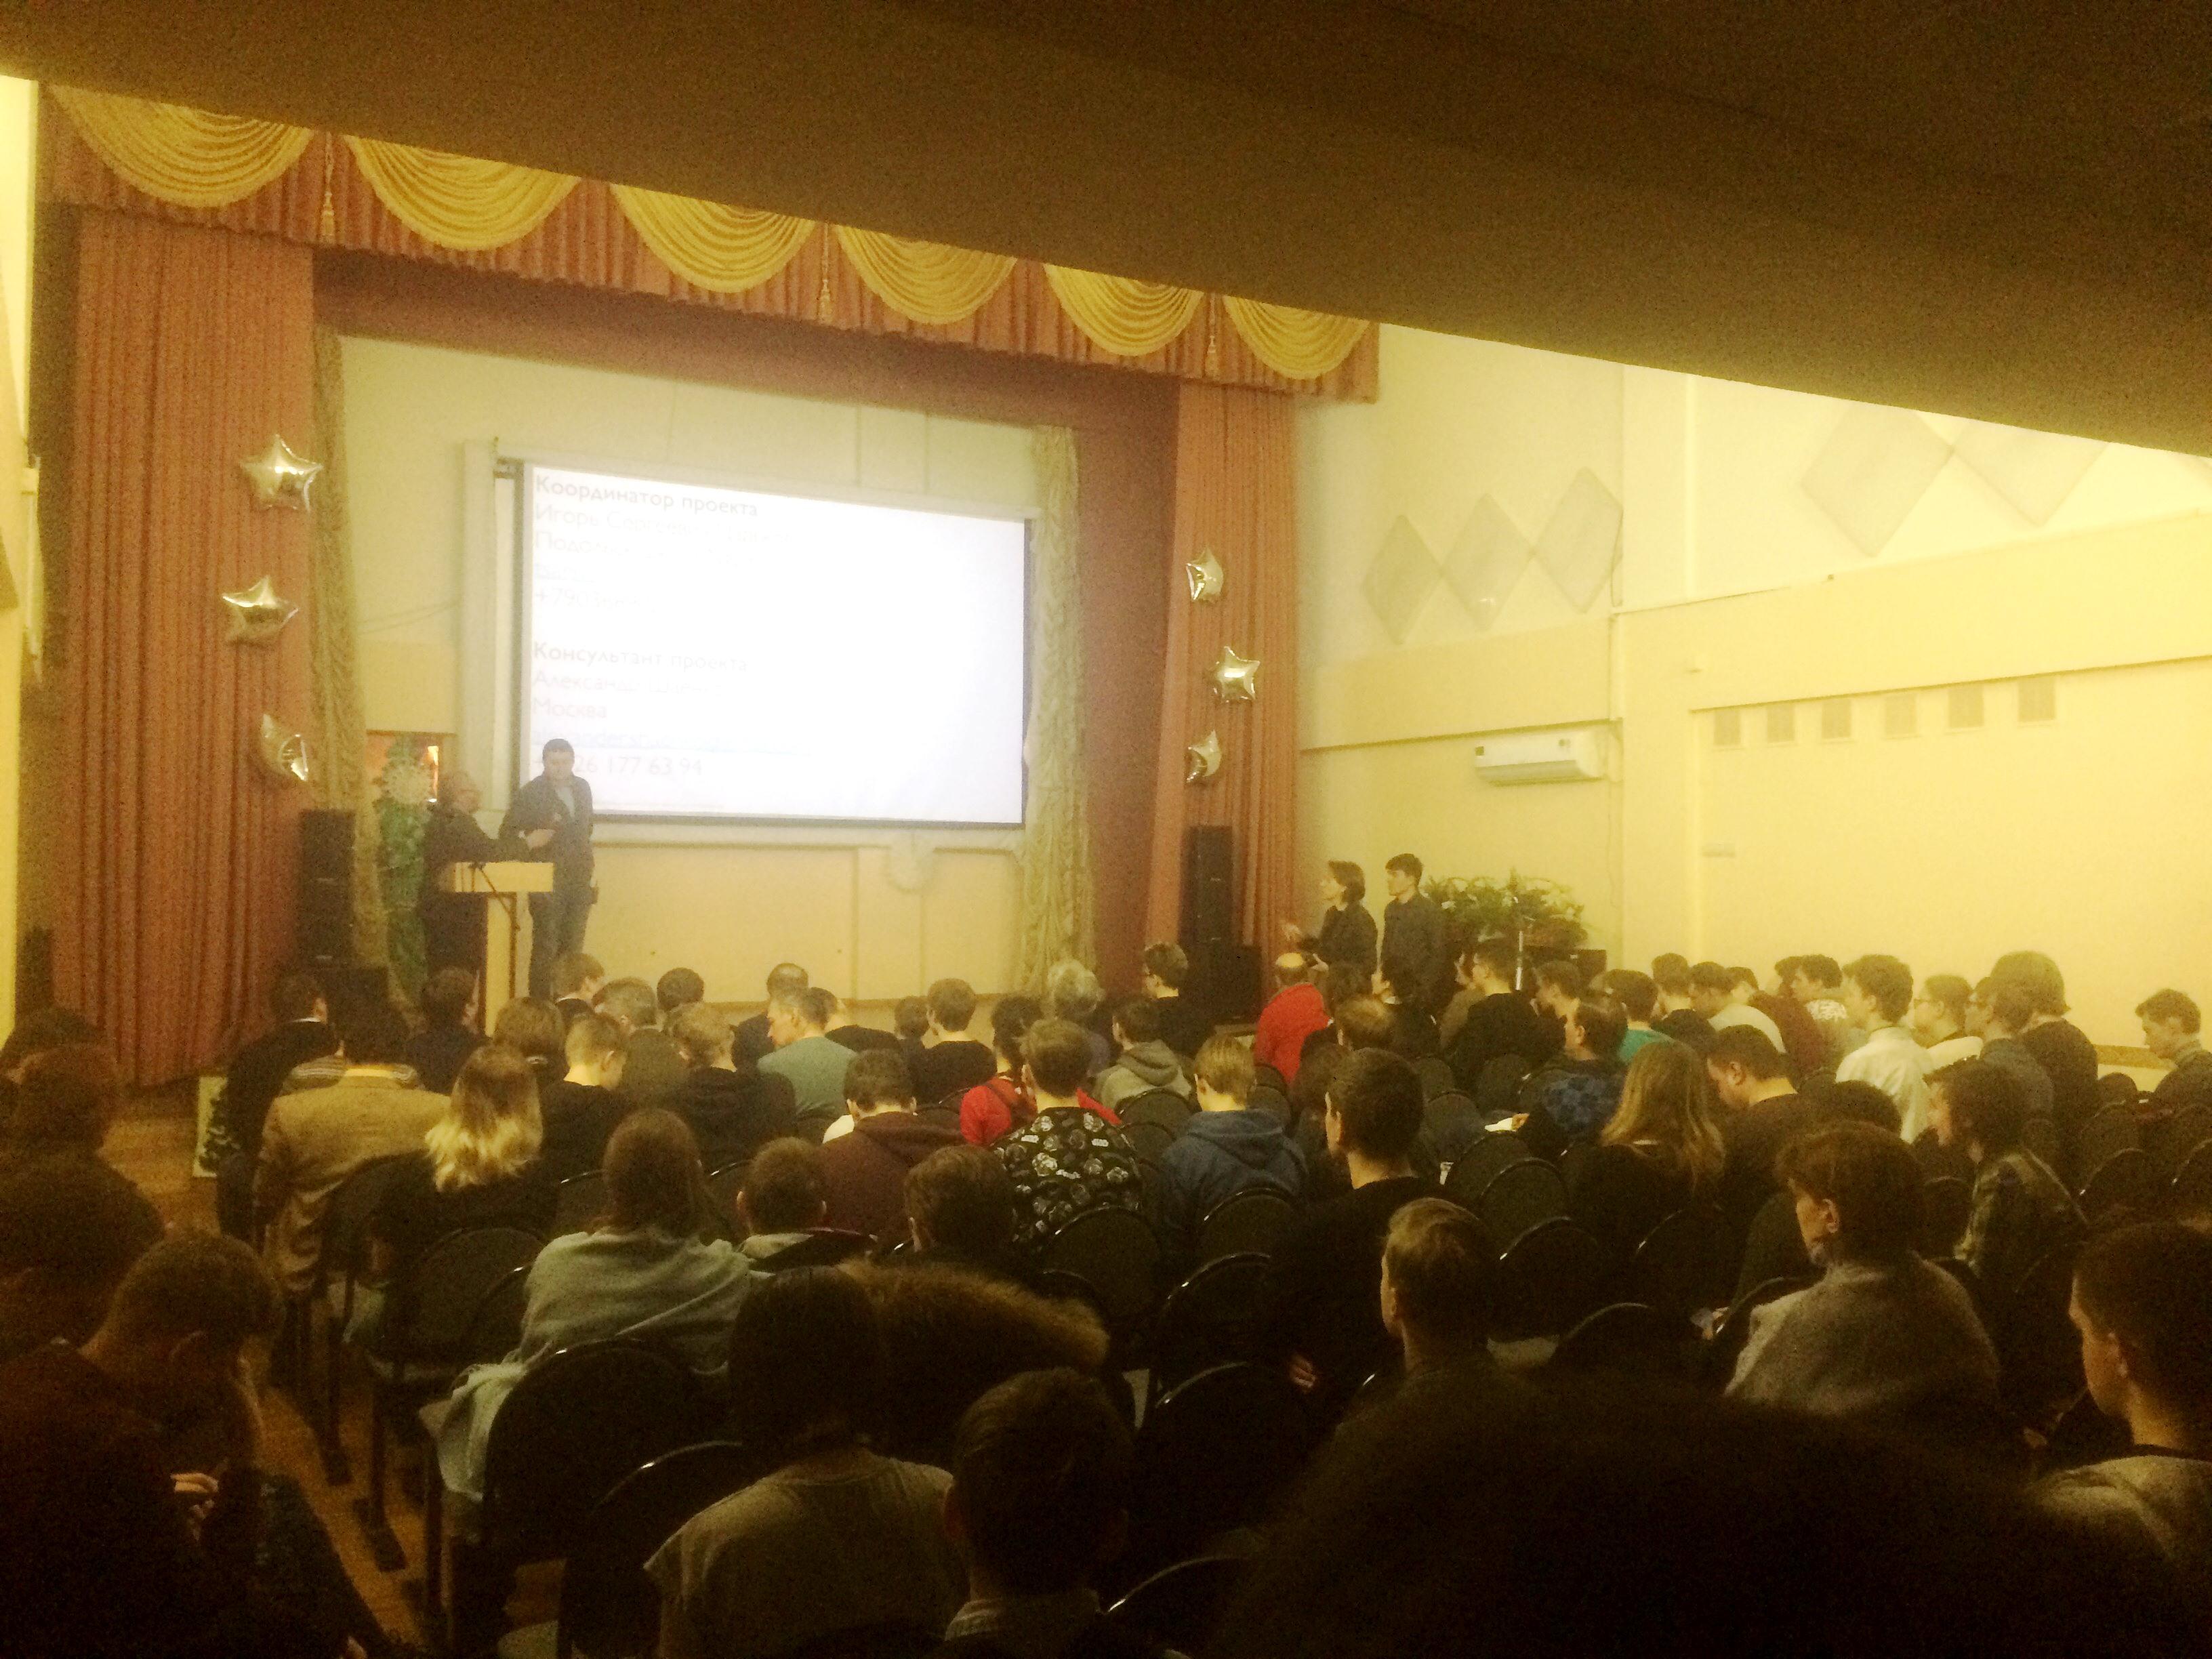 На вопросы зала отвечают Александр Шаенко и Игорь Царьков